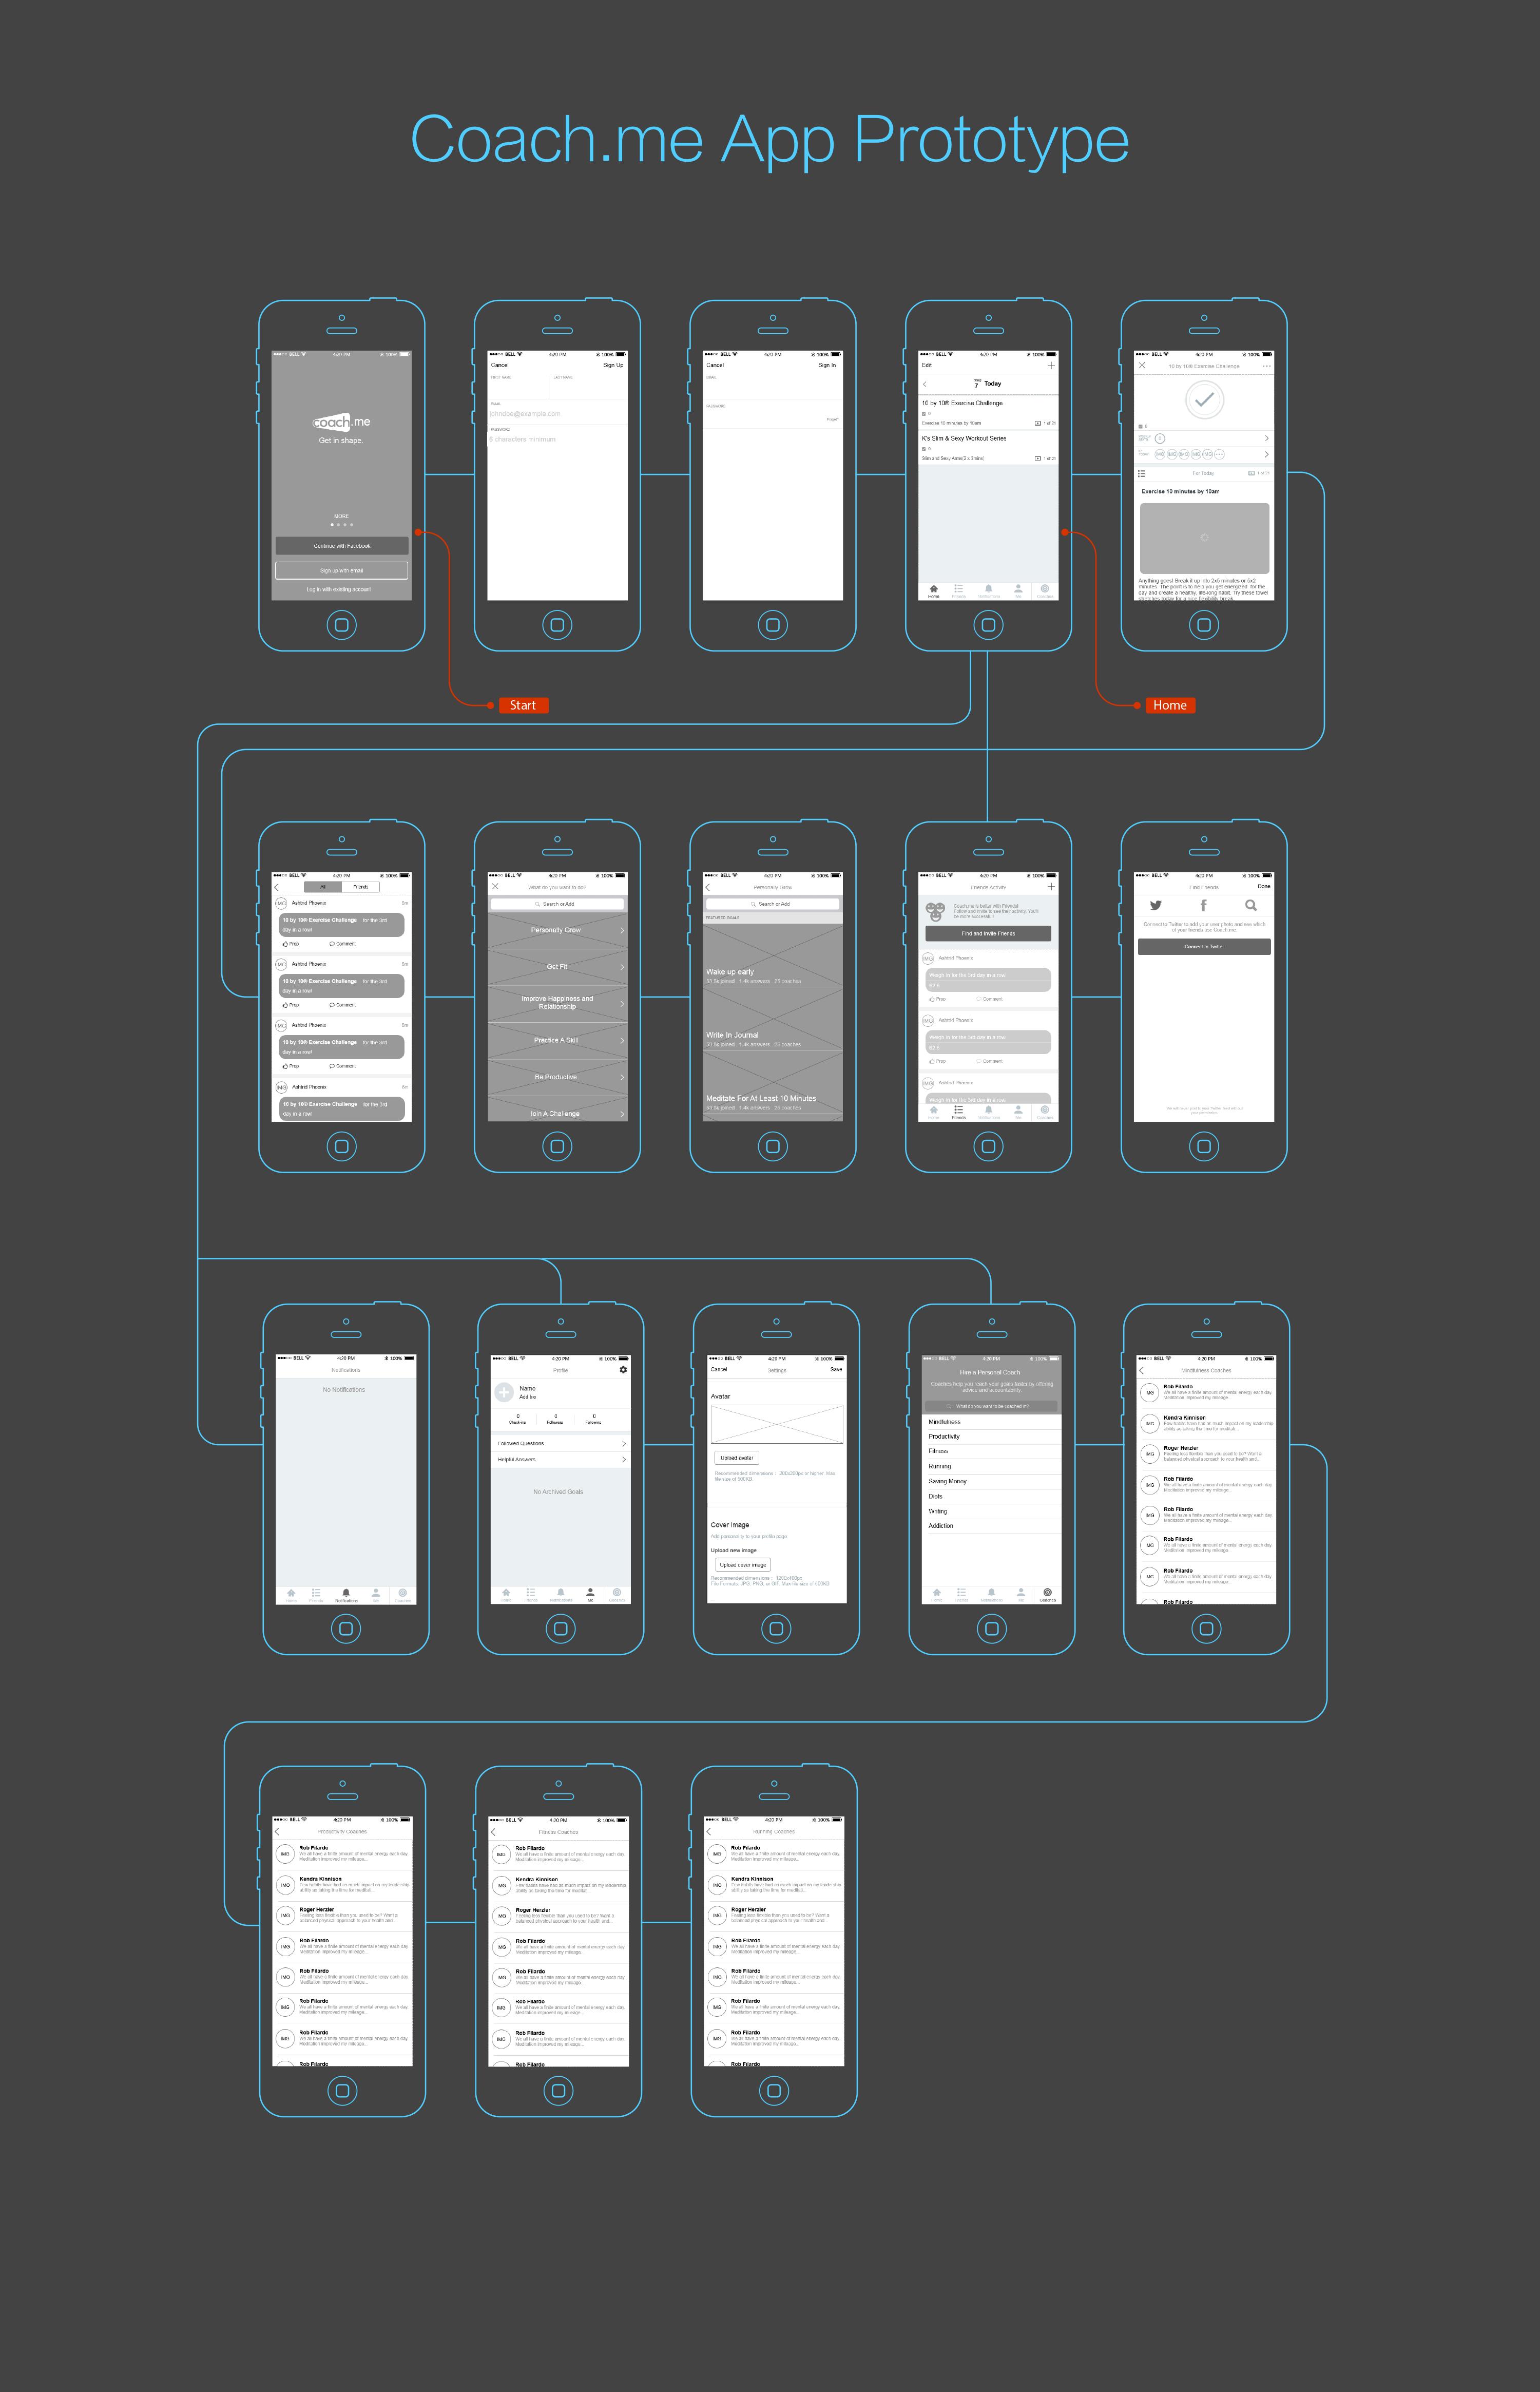 Mockplus Prototype Example-Coach.me UI Flow